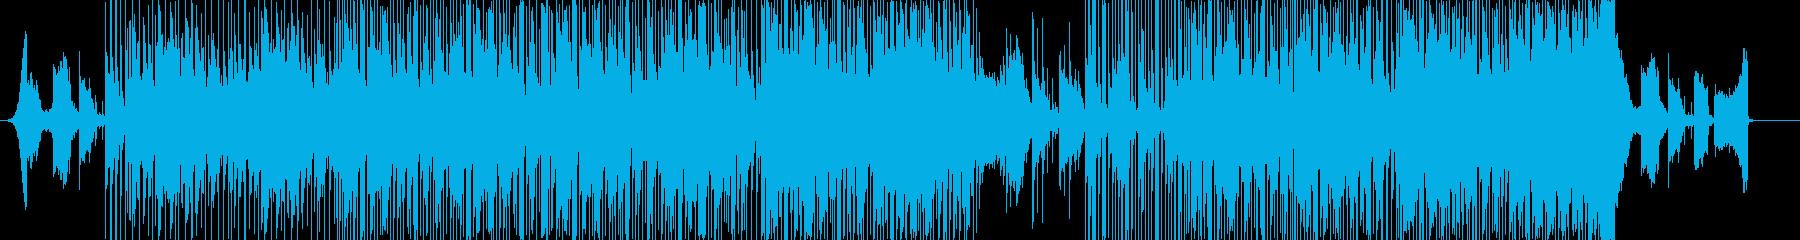 おしゃれ幻想的ヒップホップブレイクビーツの再生済みの波形